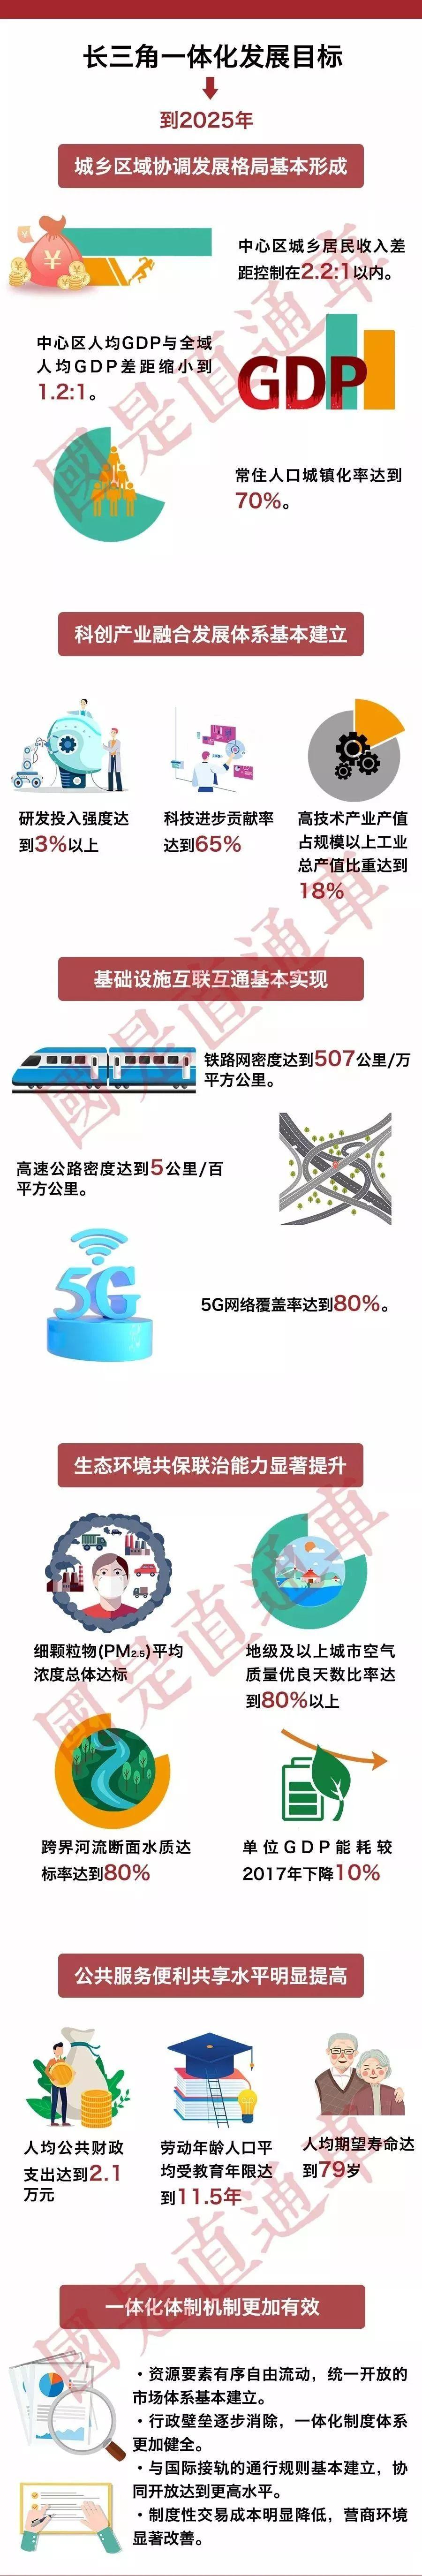 新华社12月1日晚消息3.jpg